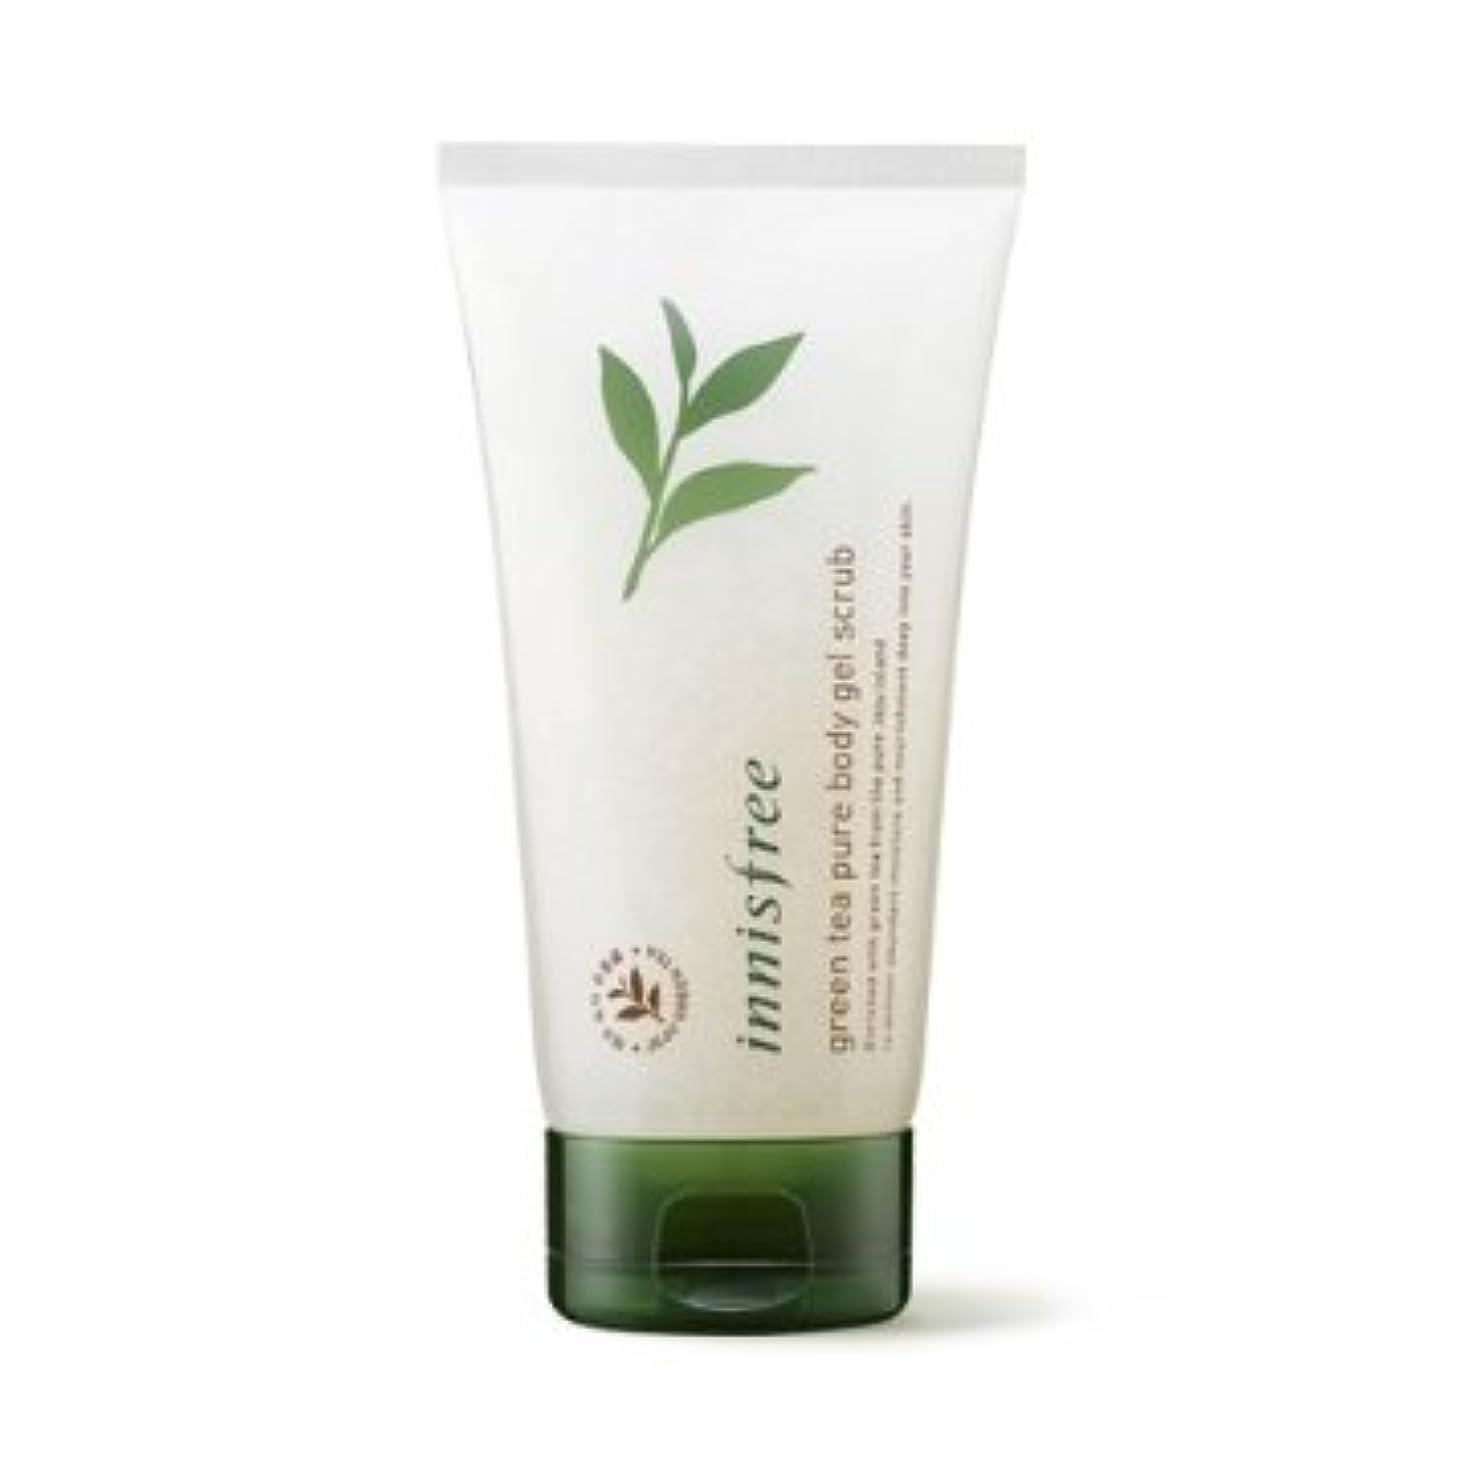 展示会ファセット社会主義者【イニスフリー】Innisfree green tea pure body gel scrub - 150ml (韓国直送品) (SHOPPINGINSTAGRAM)